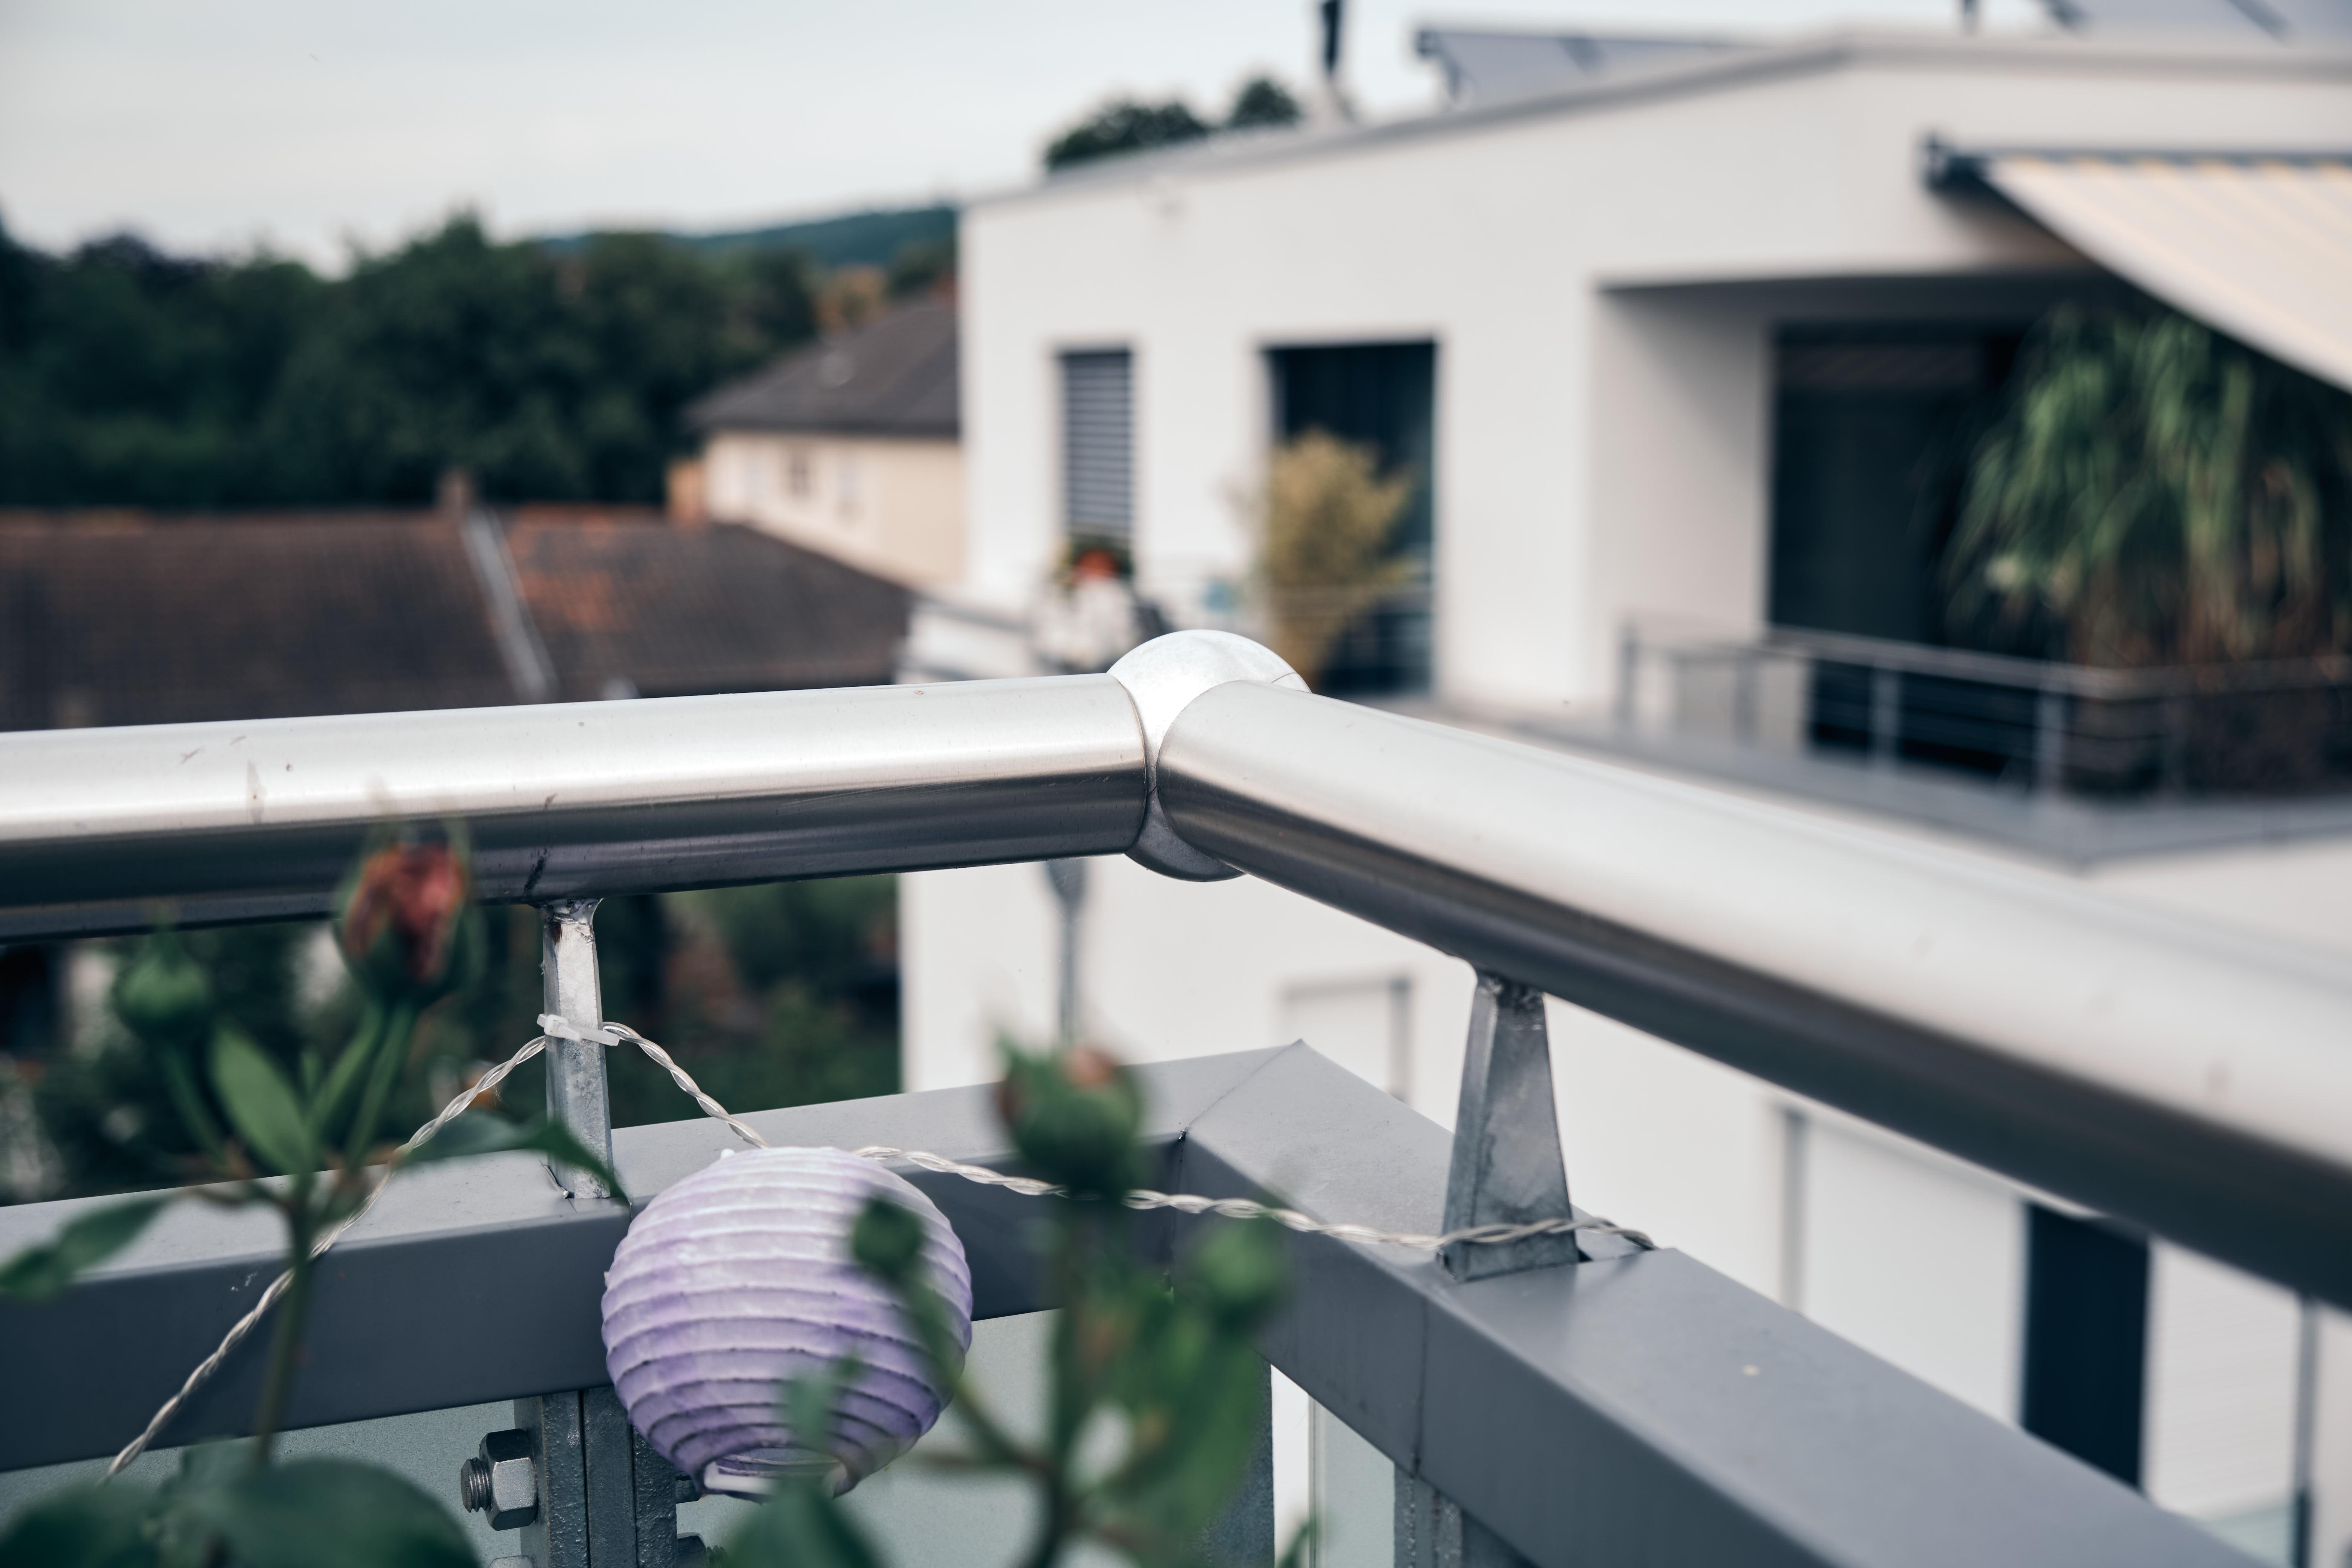 Edelstahl-Geländer aus Metall mit kugelförmiger Ecke